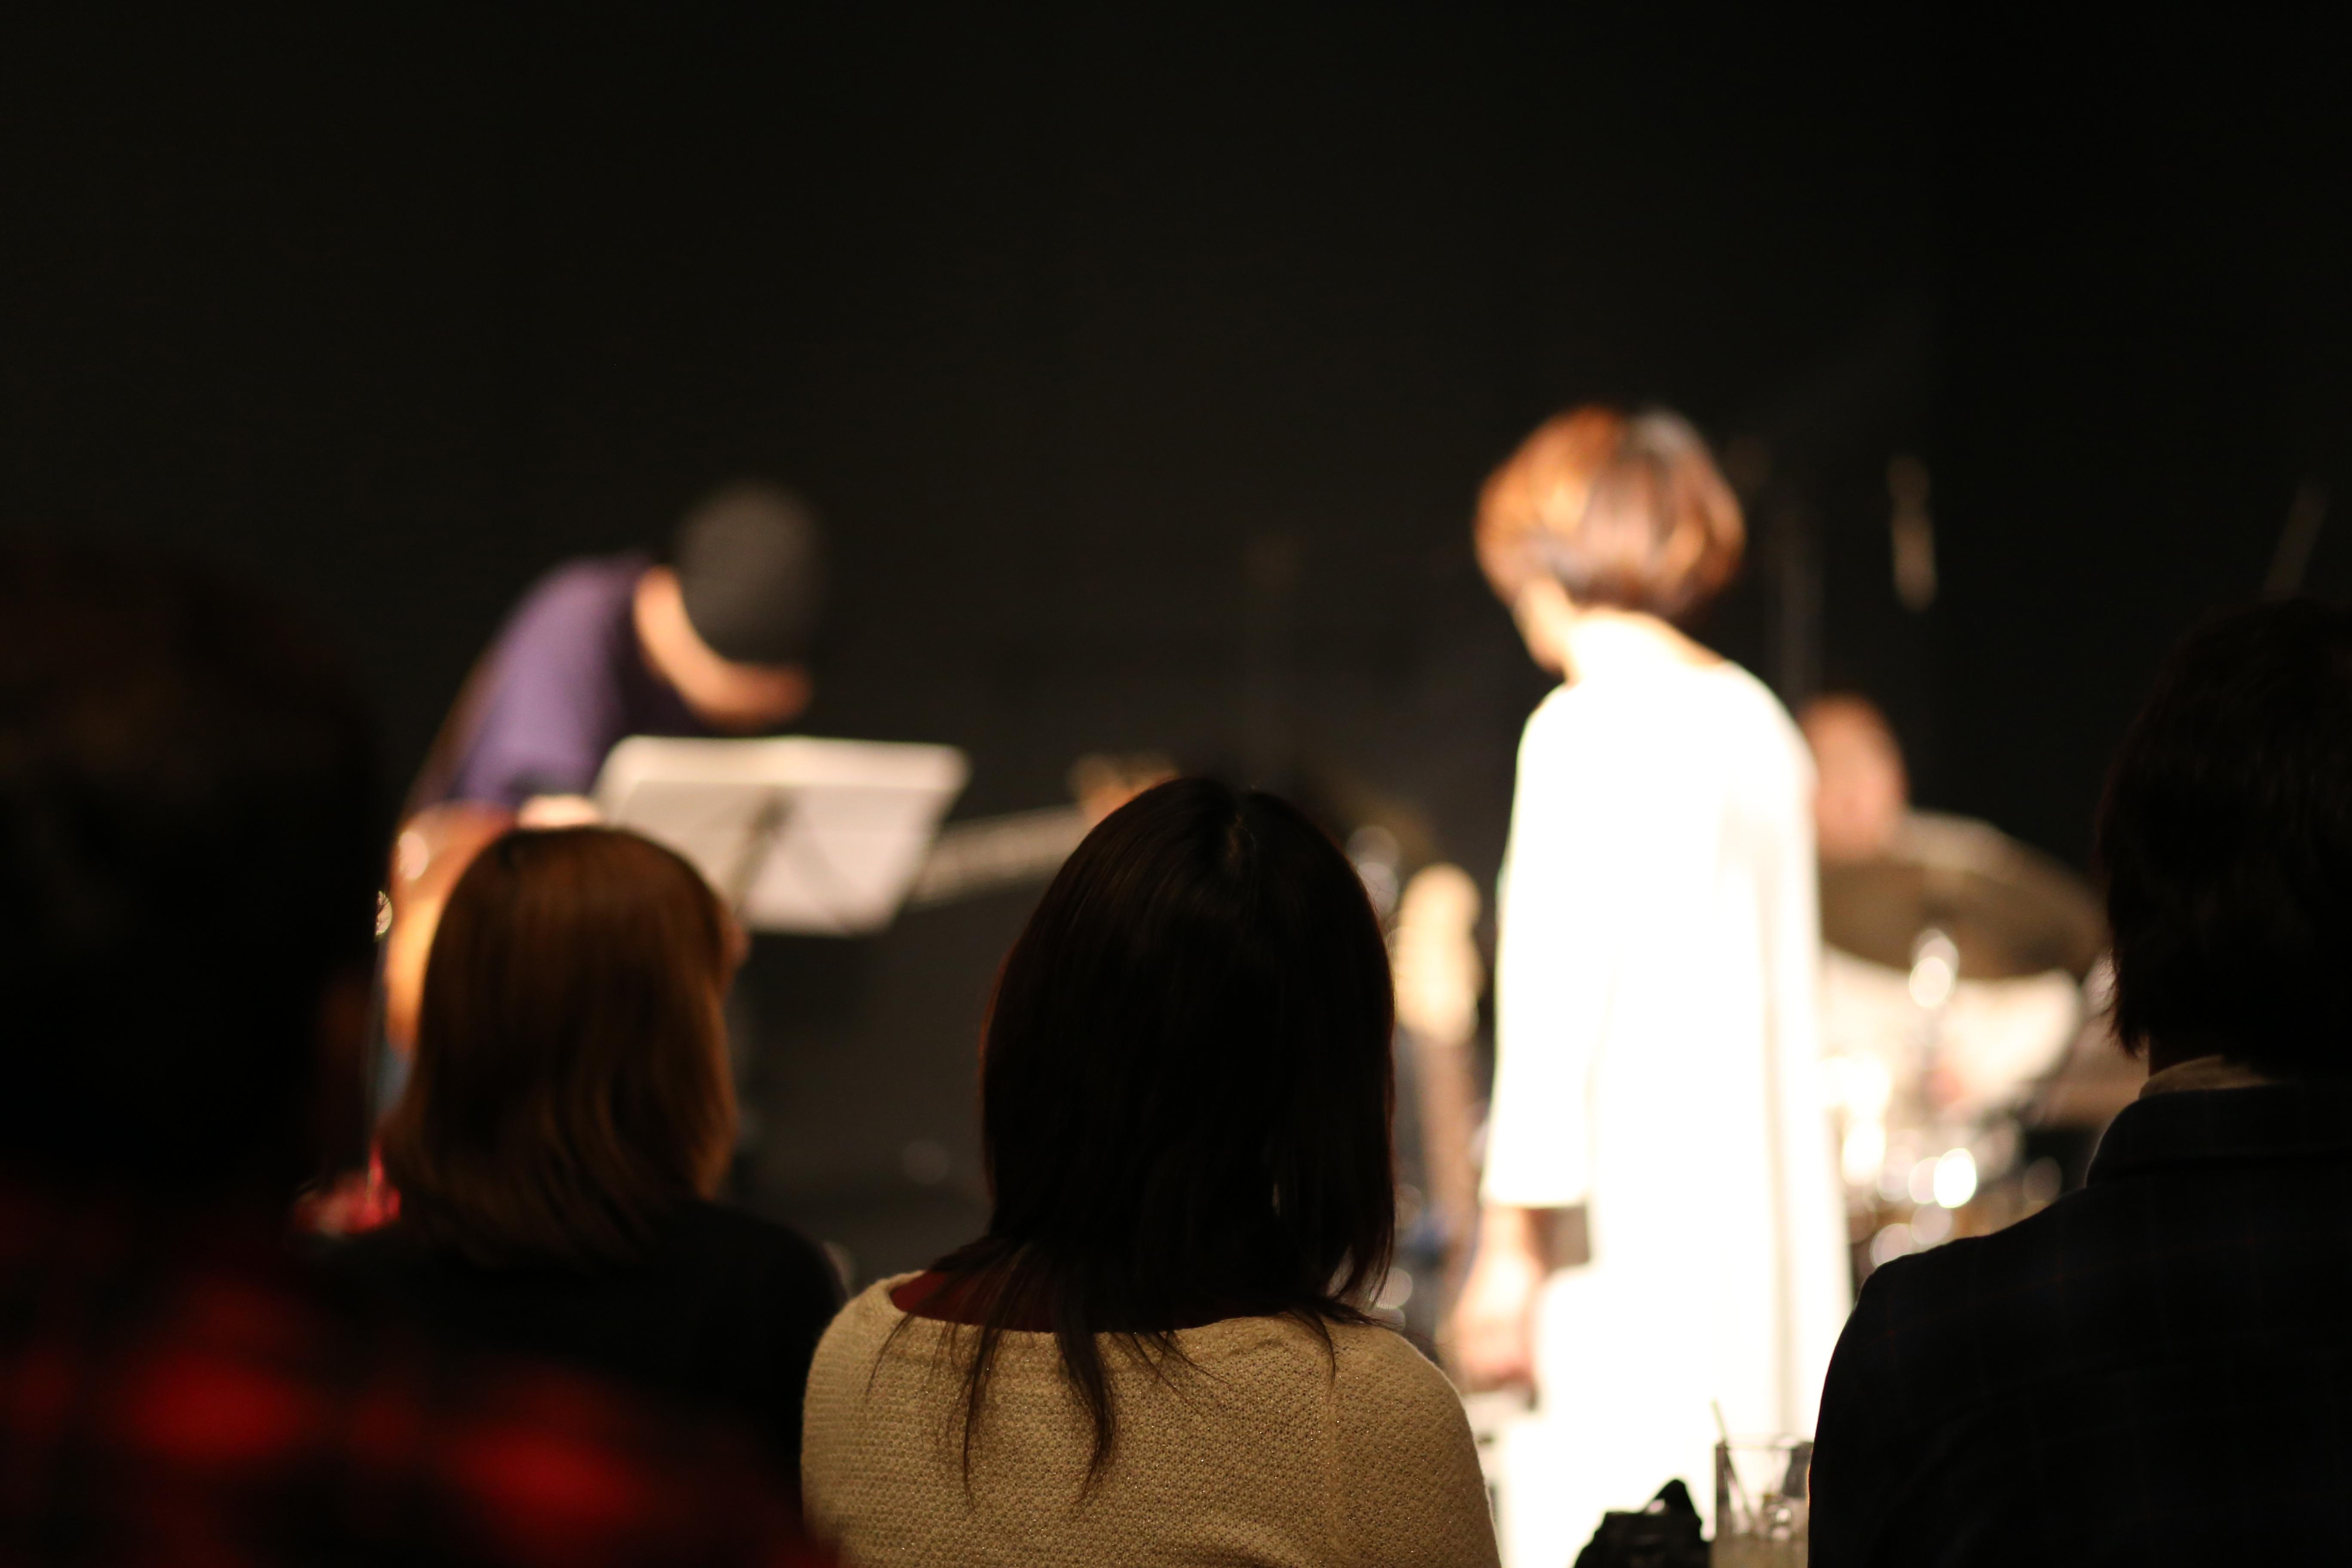 photo by Nobu